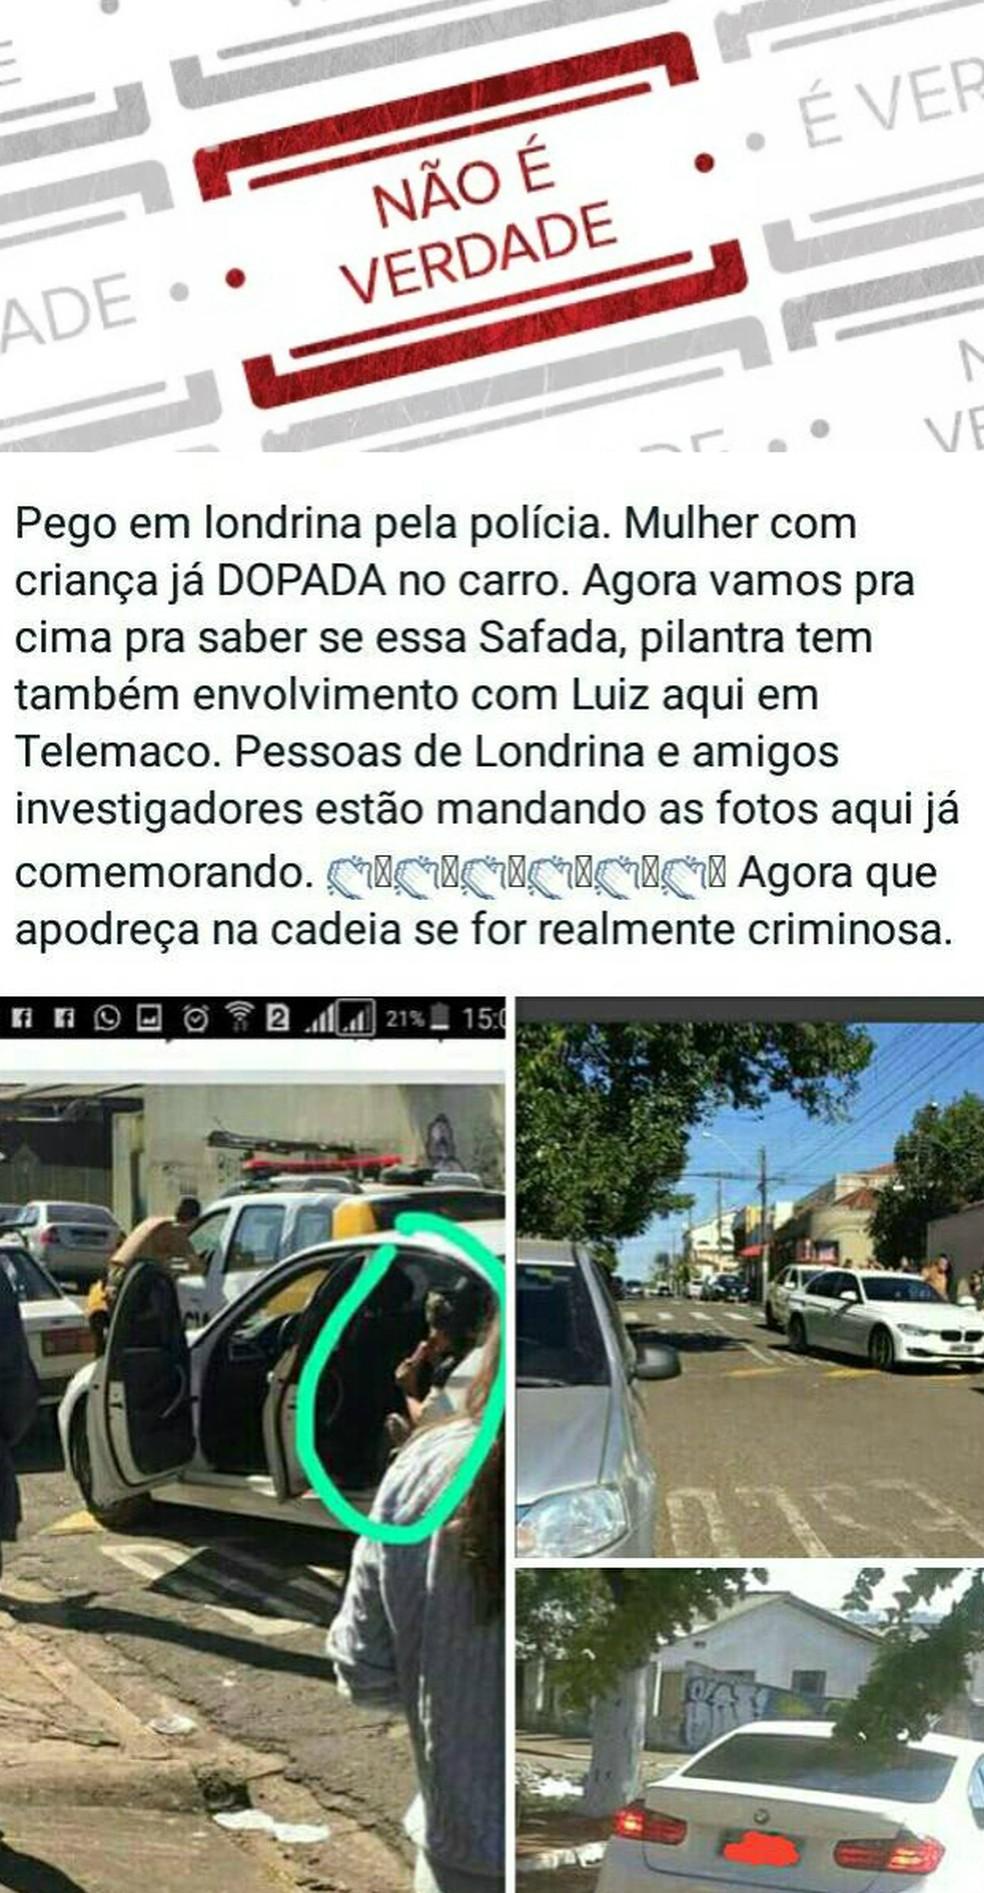 Não é verdade. Polícia alerta sobre imagem de boato que viralizou na internet (Foto: Reprodução)